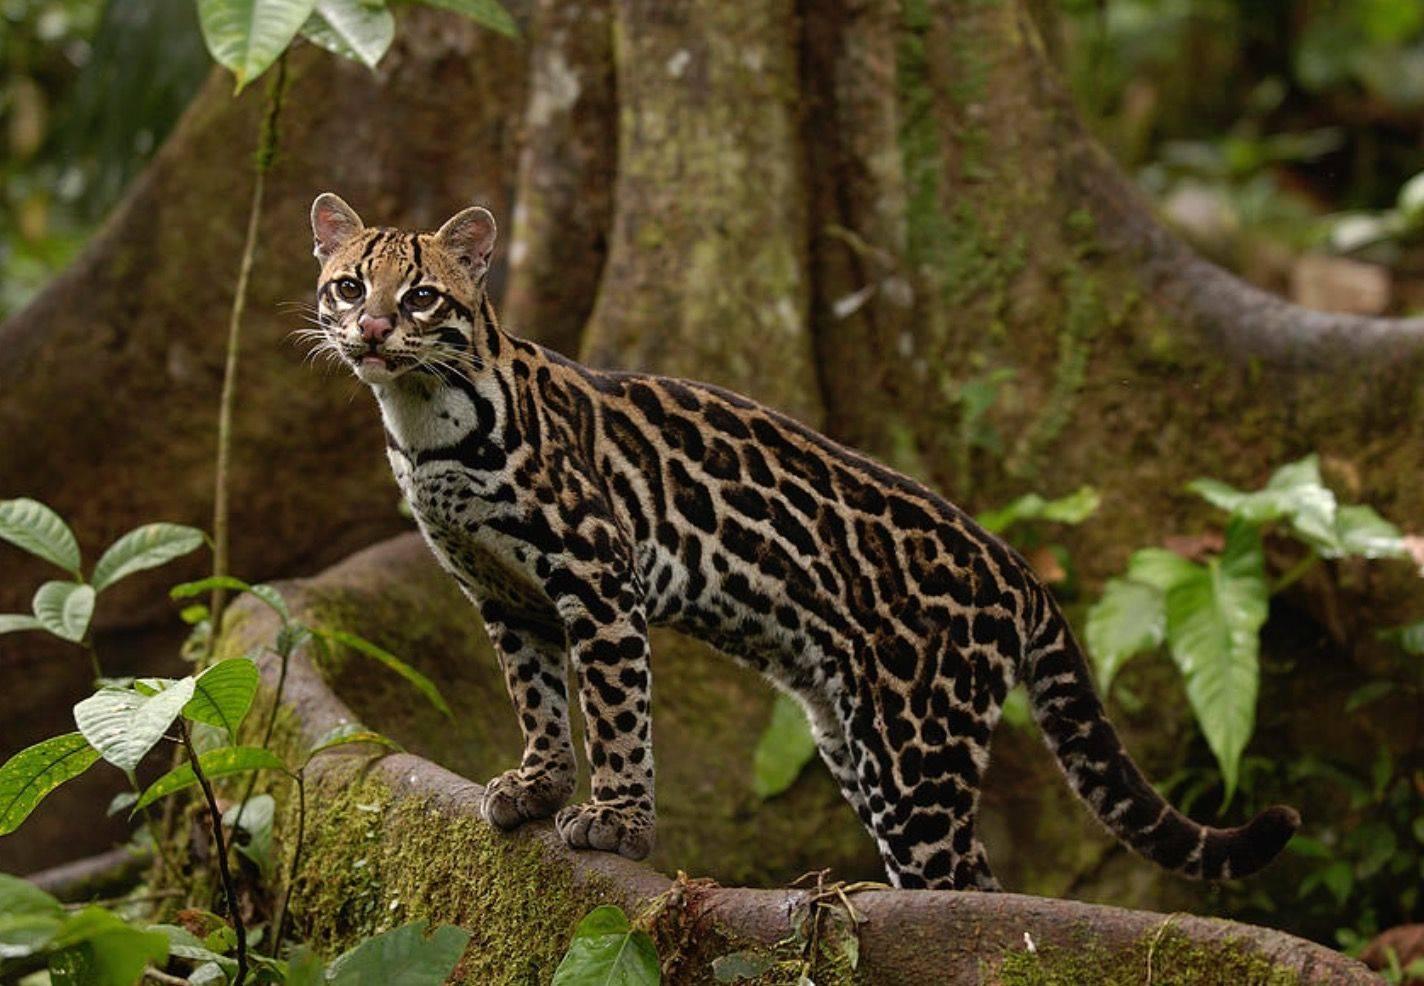 Семейство кошачьих – виды и представители хищных животных   список кошачьих с фото и описанием